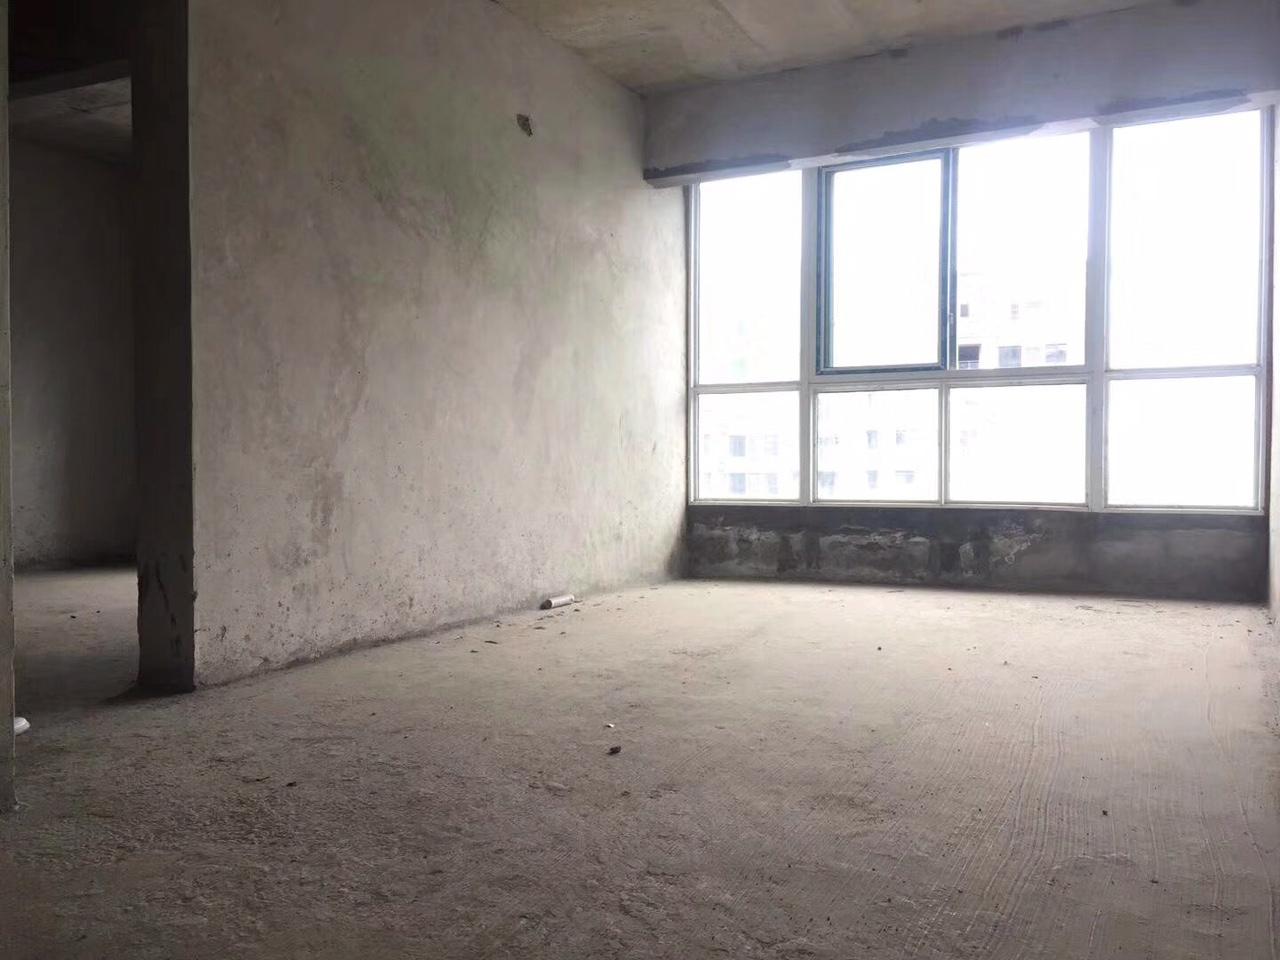 江景苑B区2室 1厅 1卫46万元